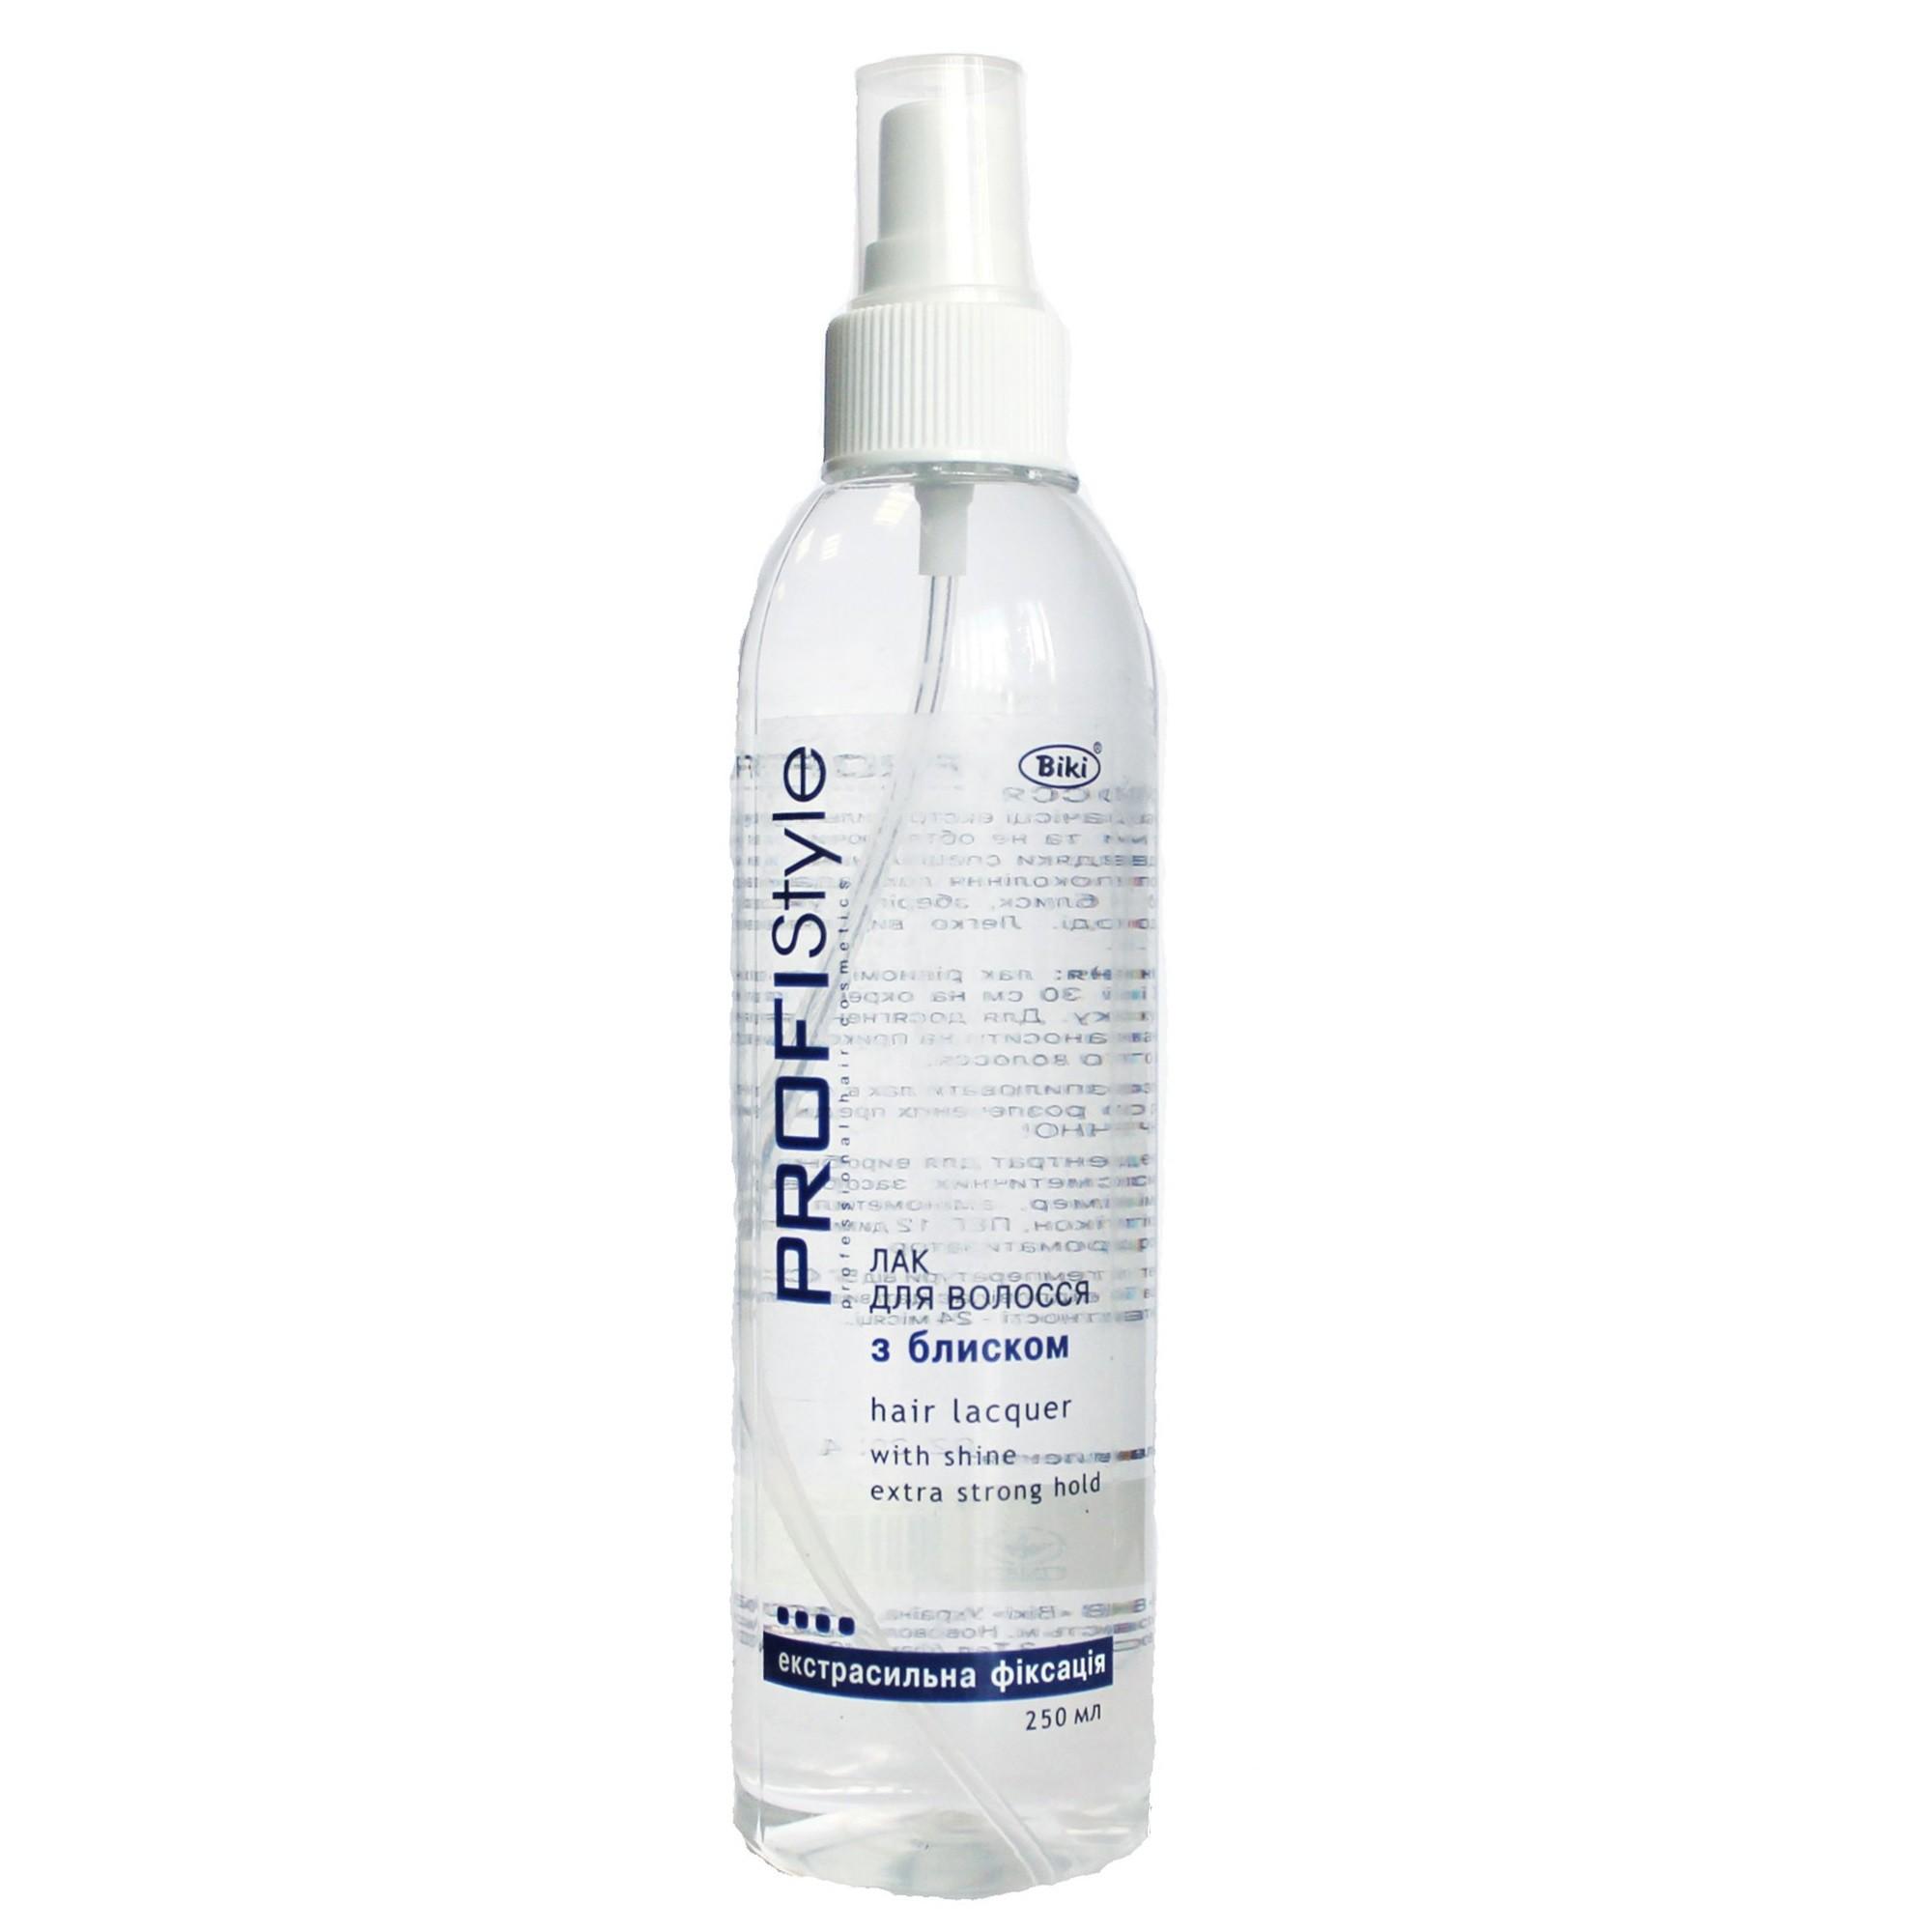 Лак для волос ProfiStyle экстрасильная фиксация 250 мл